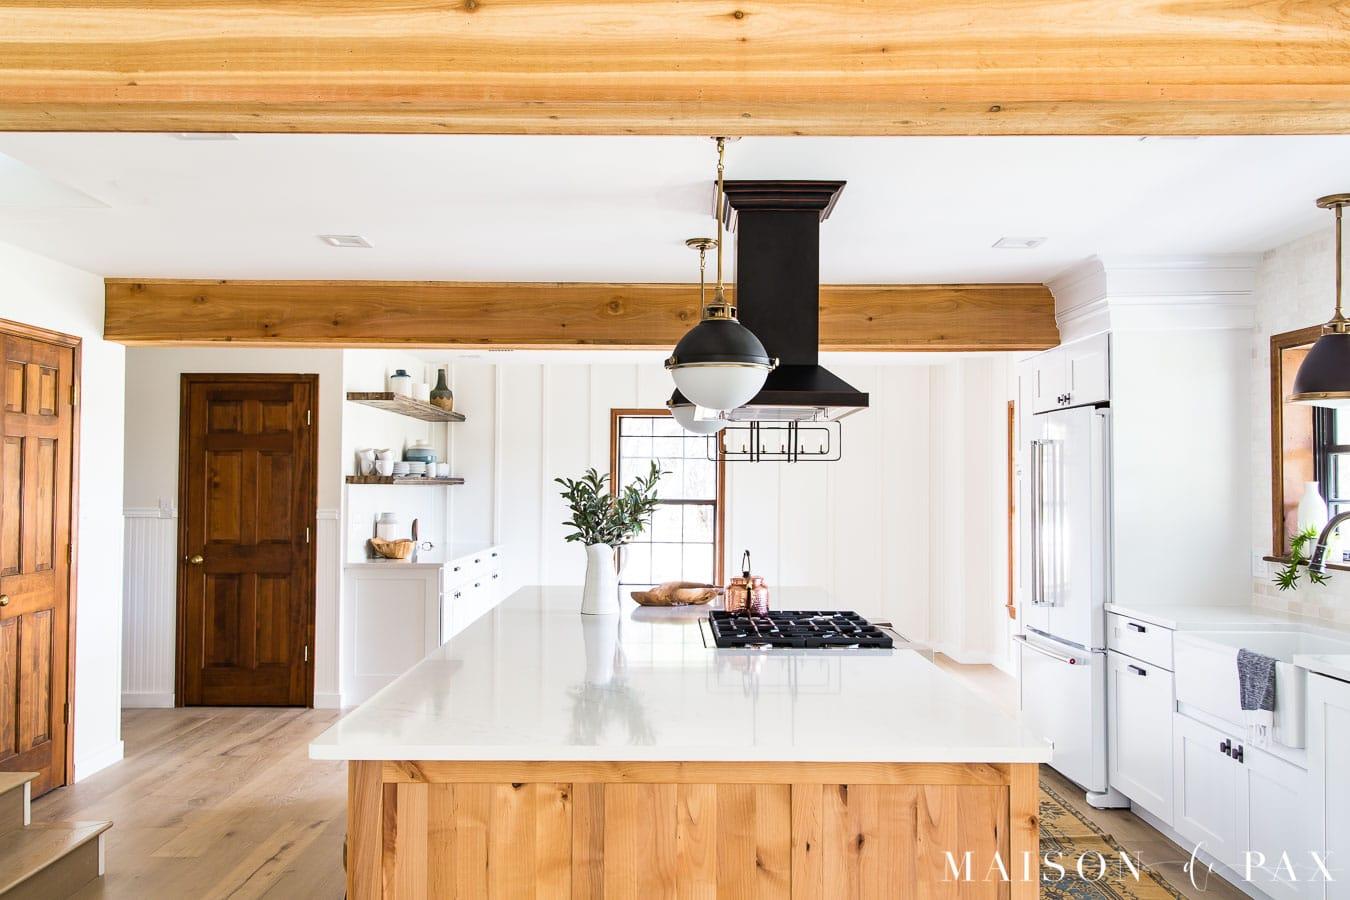 rustic cedar beams and rustic alder kraftmaid island cabinets | Maison de Pax